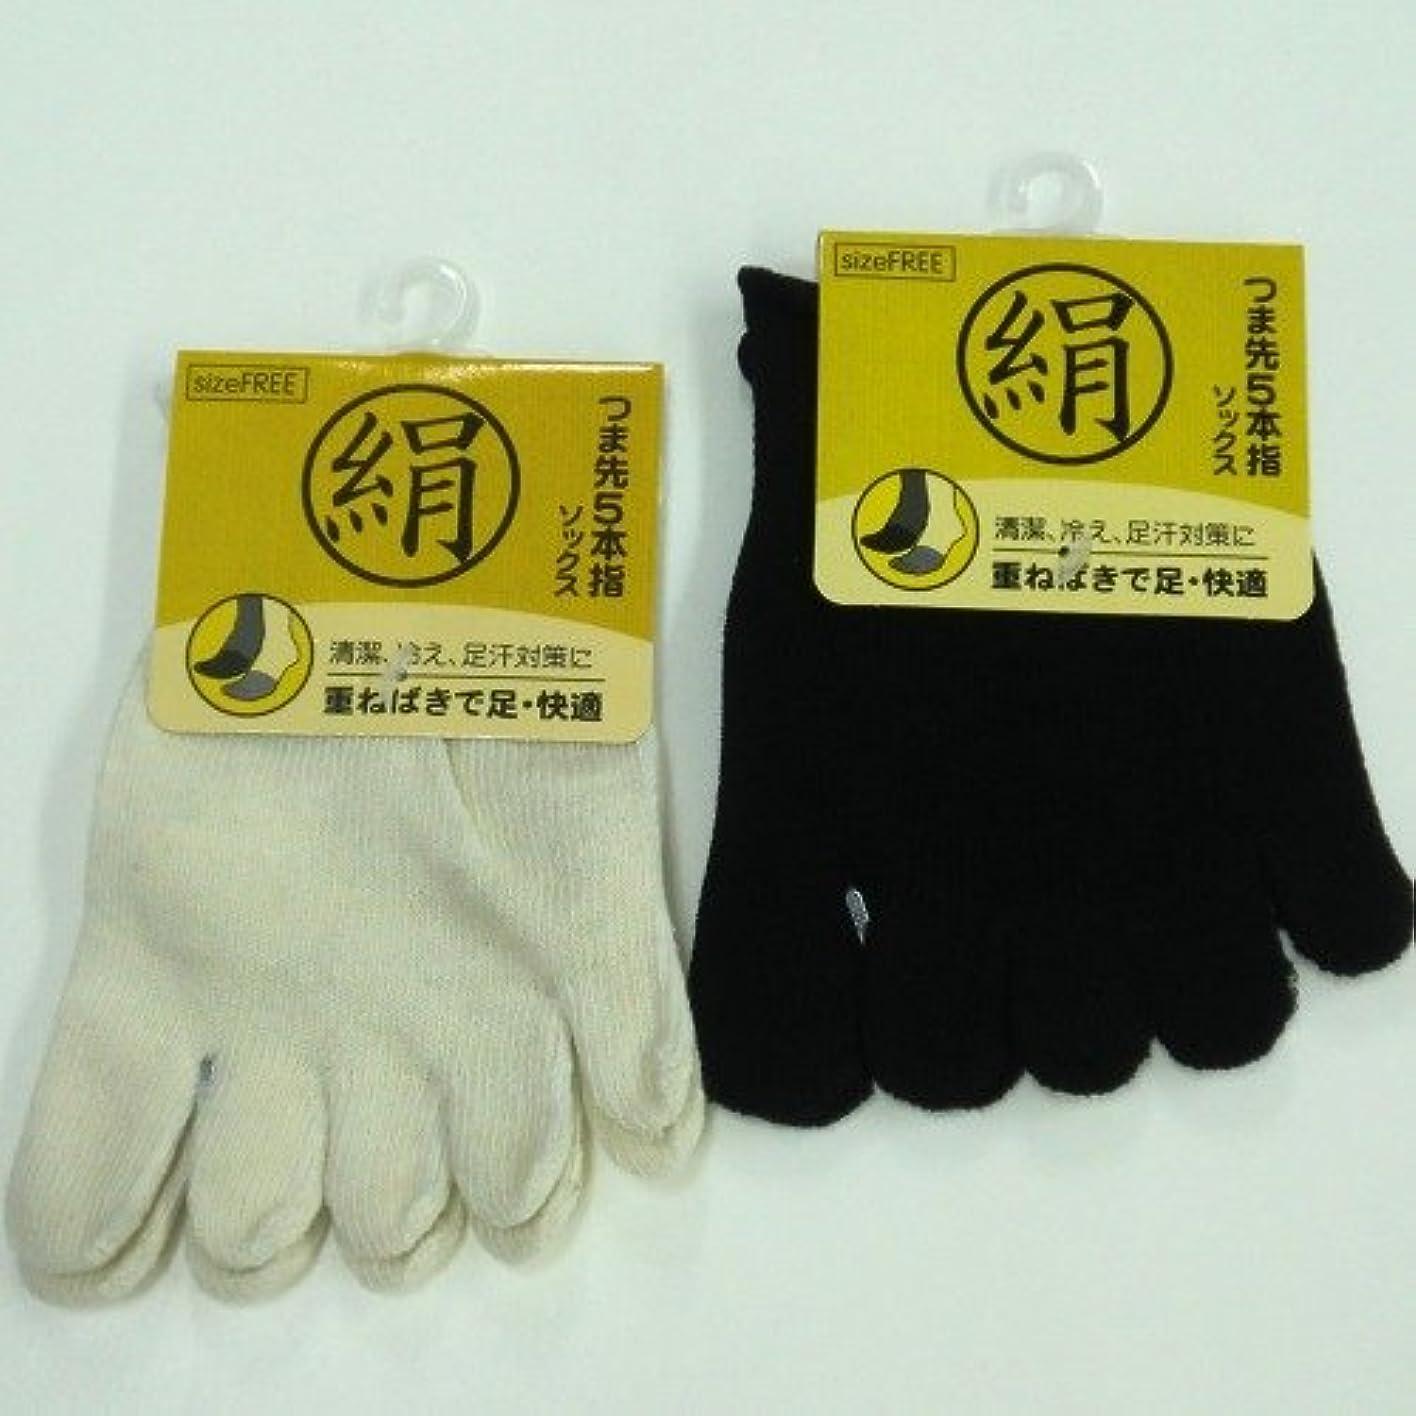 マンモス幻影現れる5本指ソックス つま先 ハーフソックス 足指カバー 天然素材絹で抗菌防臭 お買得5足組 (色はお任せ)